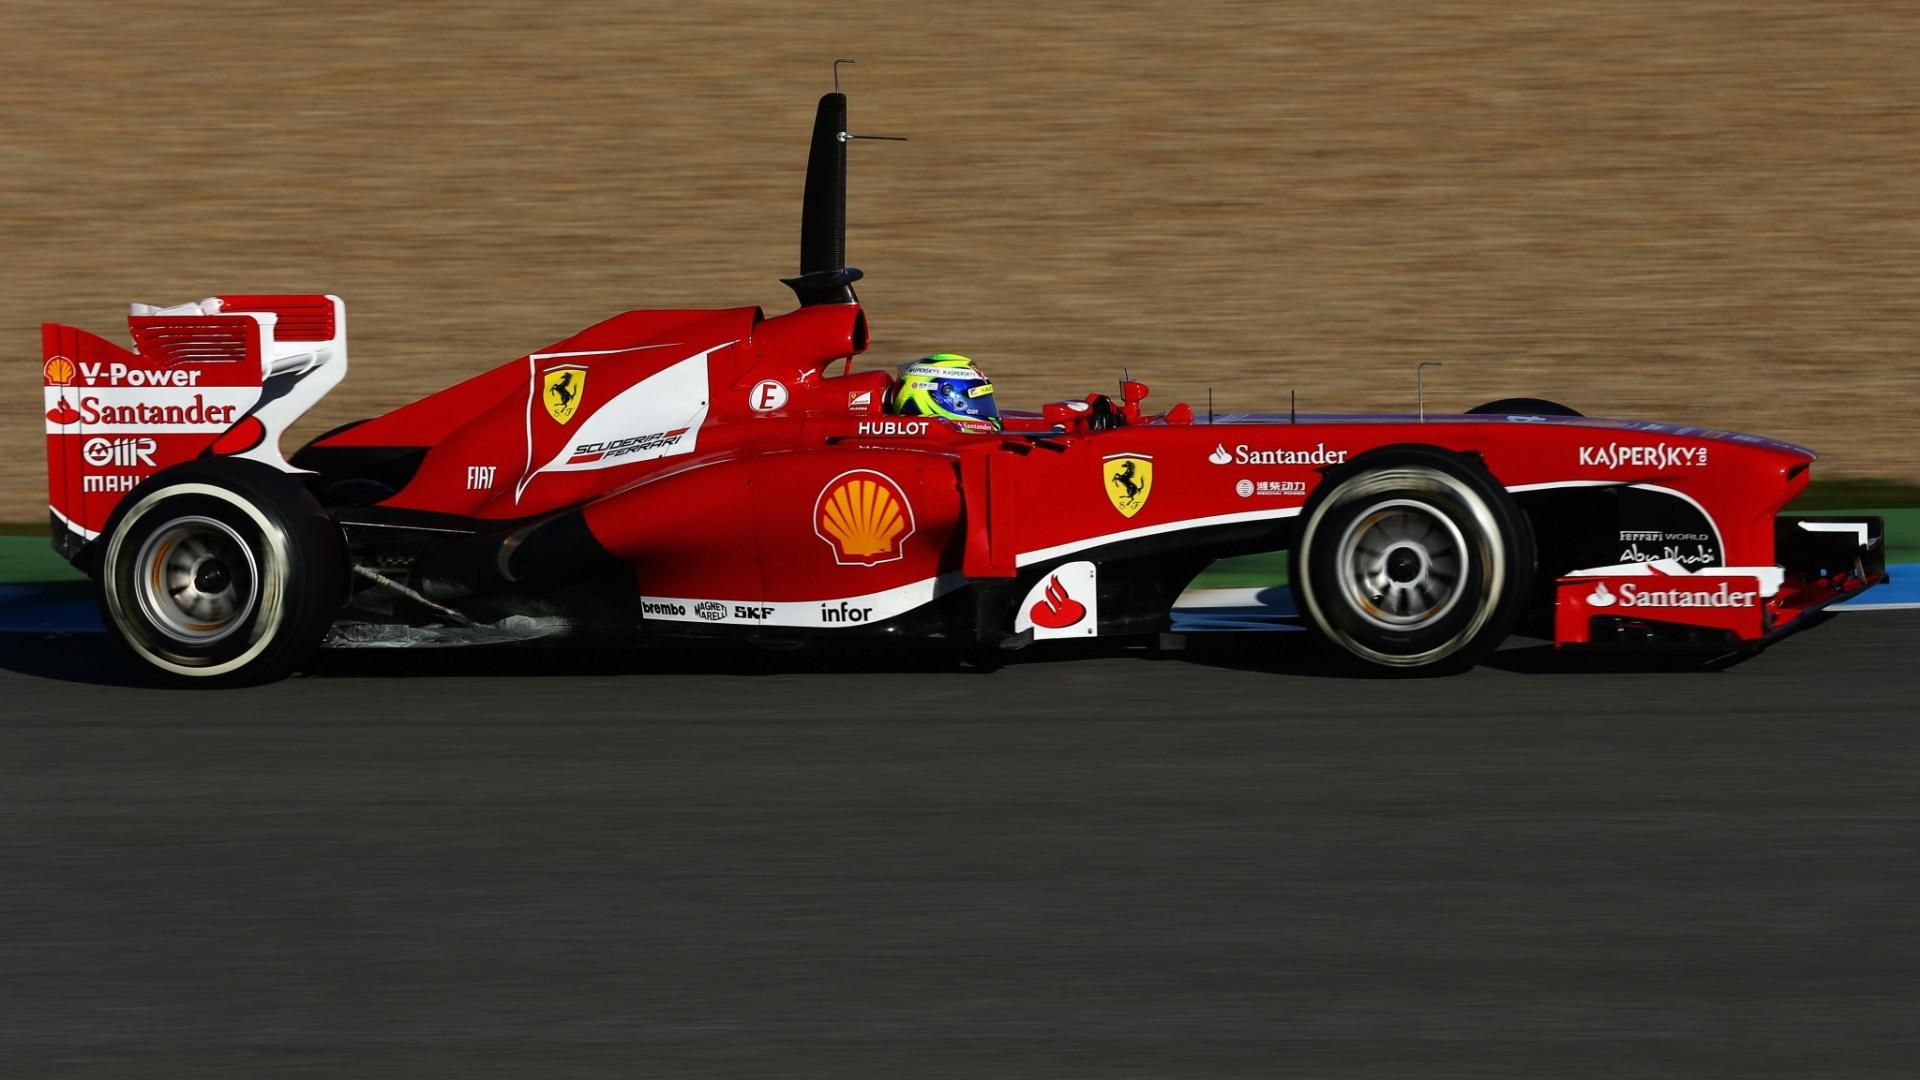 07.fev.2013 - Brasileiro Felipe Massa conduz sua Ferrari no terceiro dia de testes em Jerez